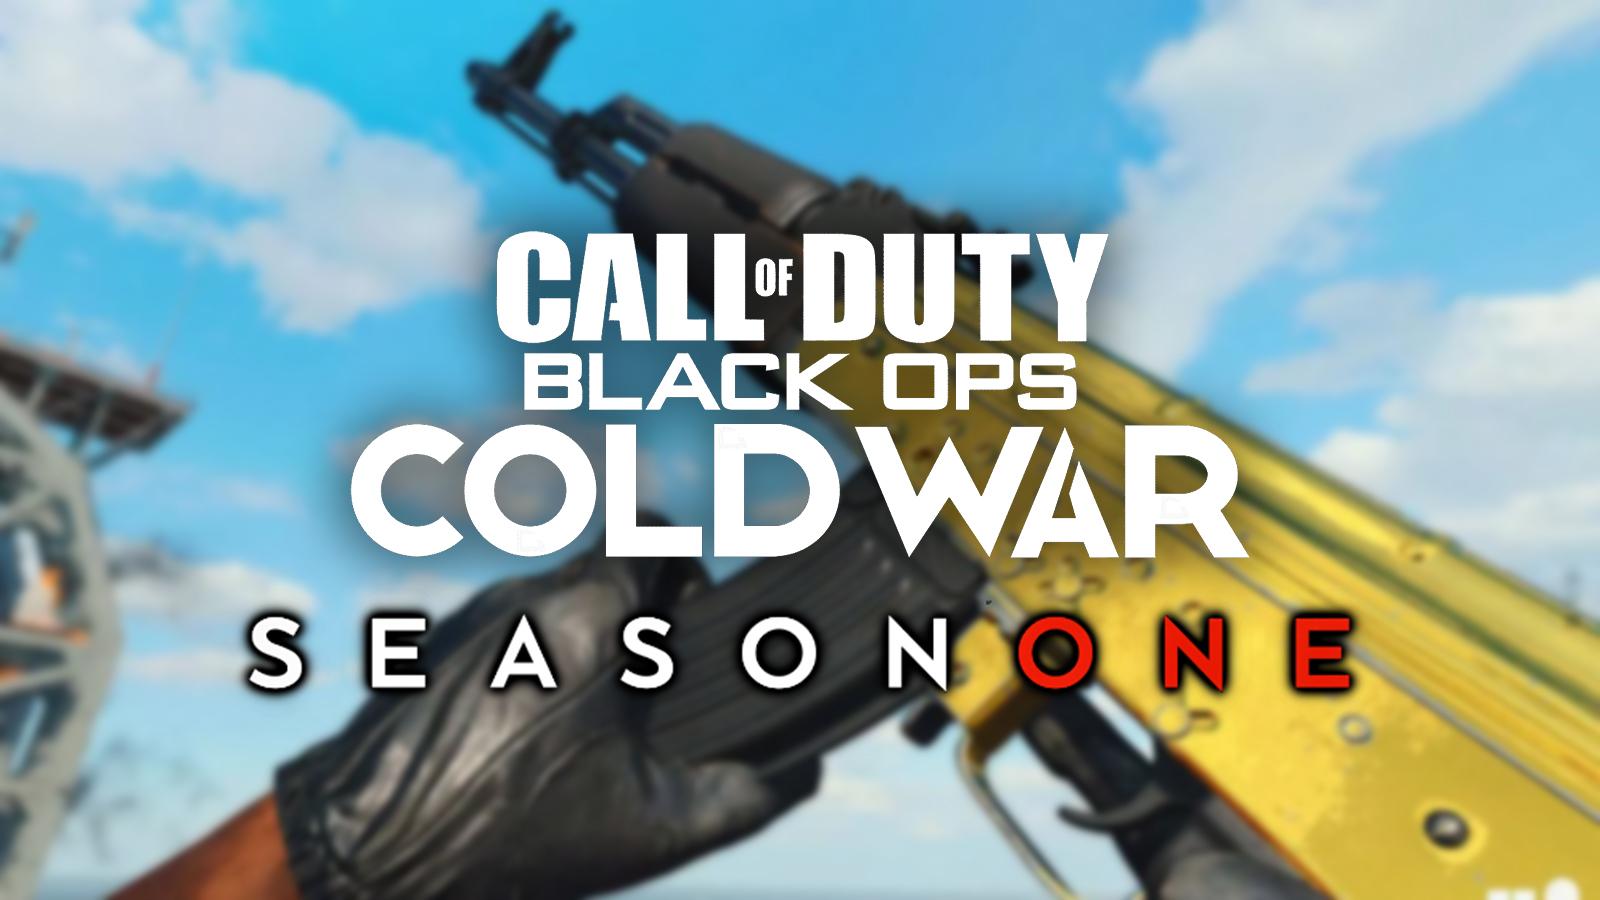 AK-47 in Black Ops Cold War Season 1